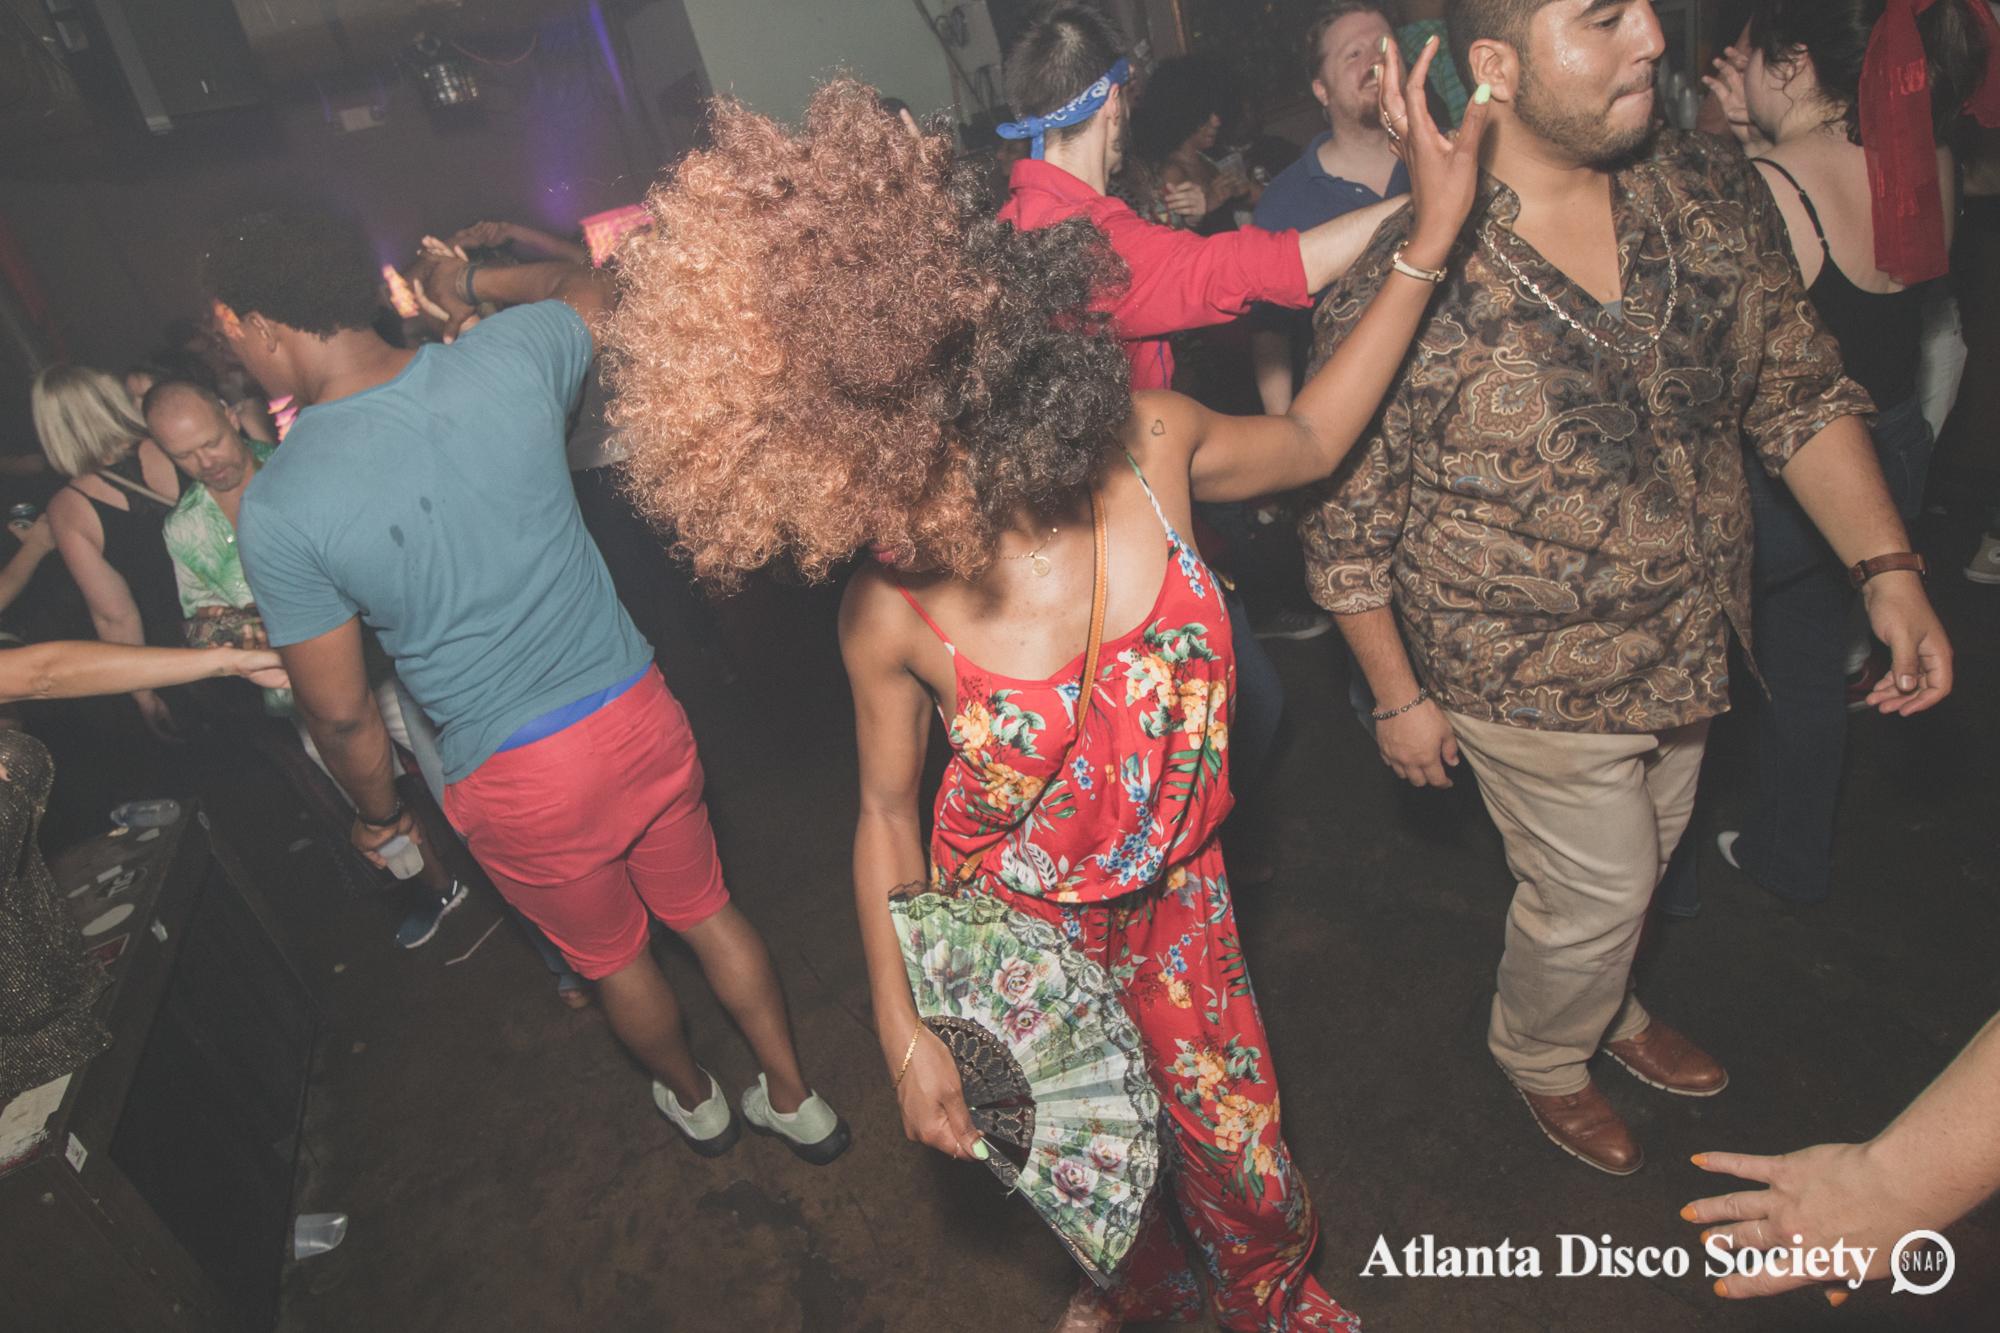 83Atlanta Disco Society Grace Kelly Oh Snap Kid 7.27.19.jpg